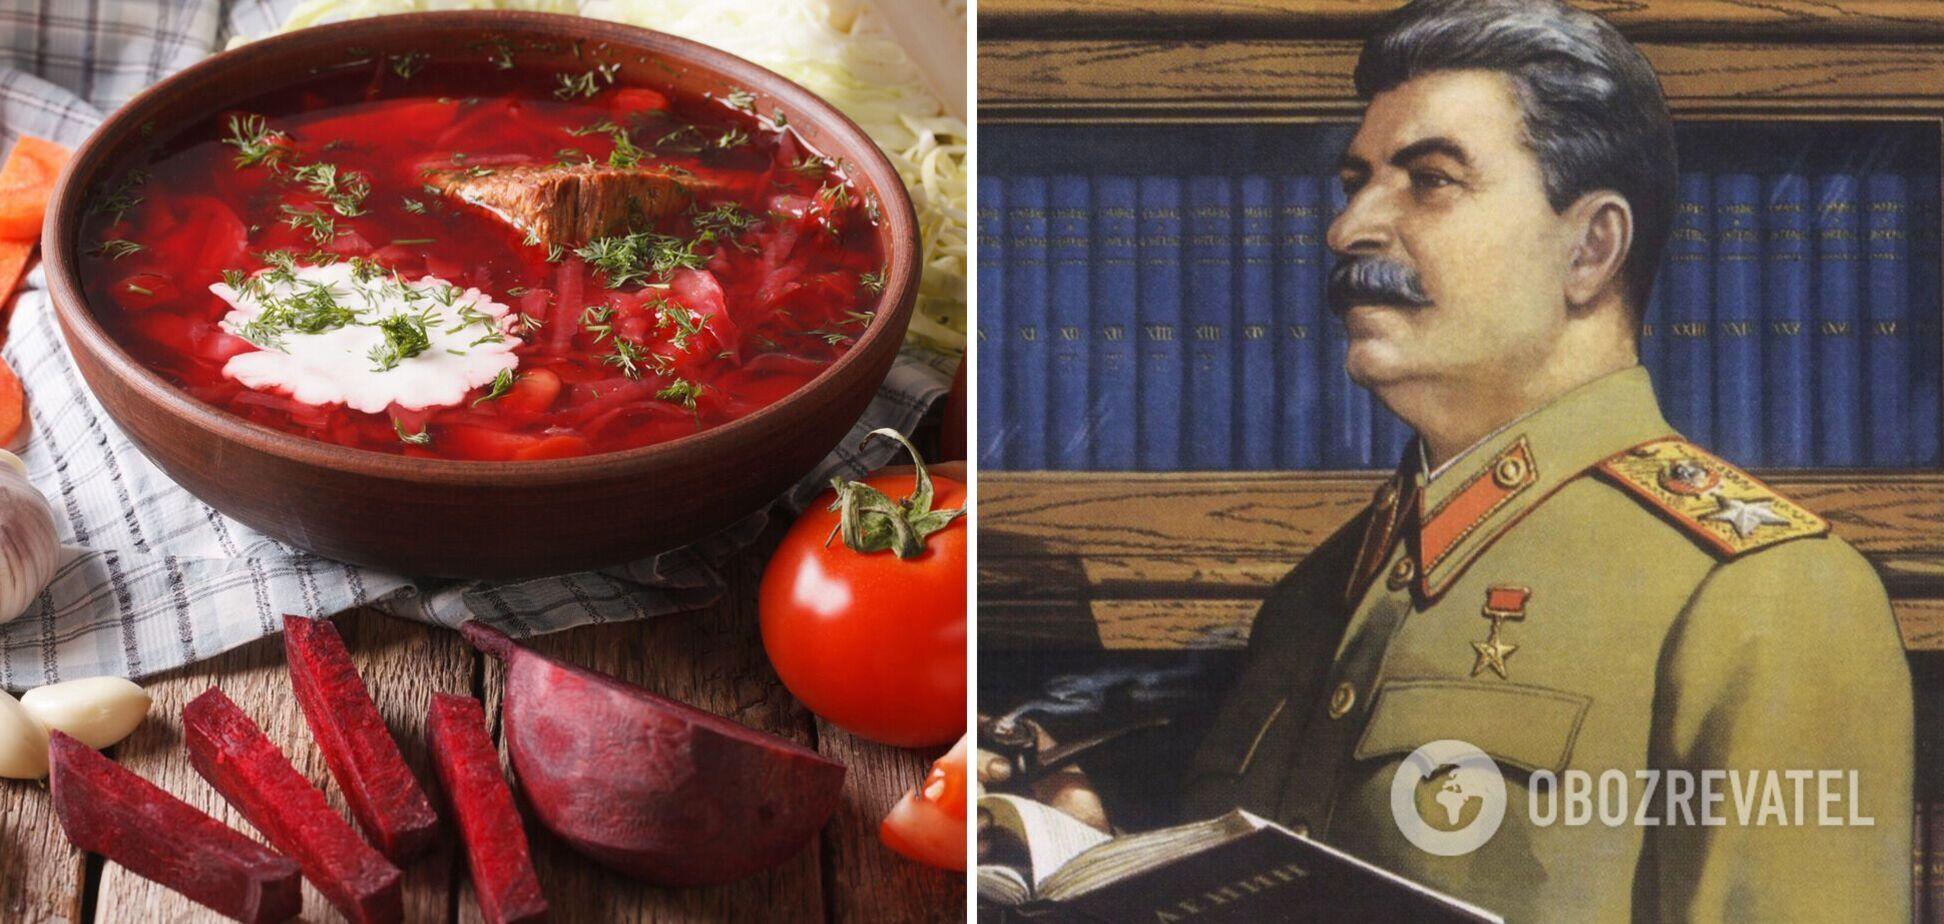 В Украине провели Фестиваль борща в годовщину смерти Сталина: Минкульт прокомментировал выбор даты